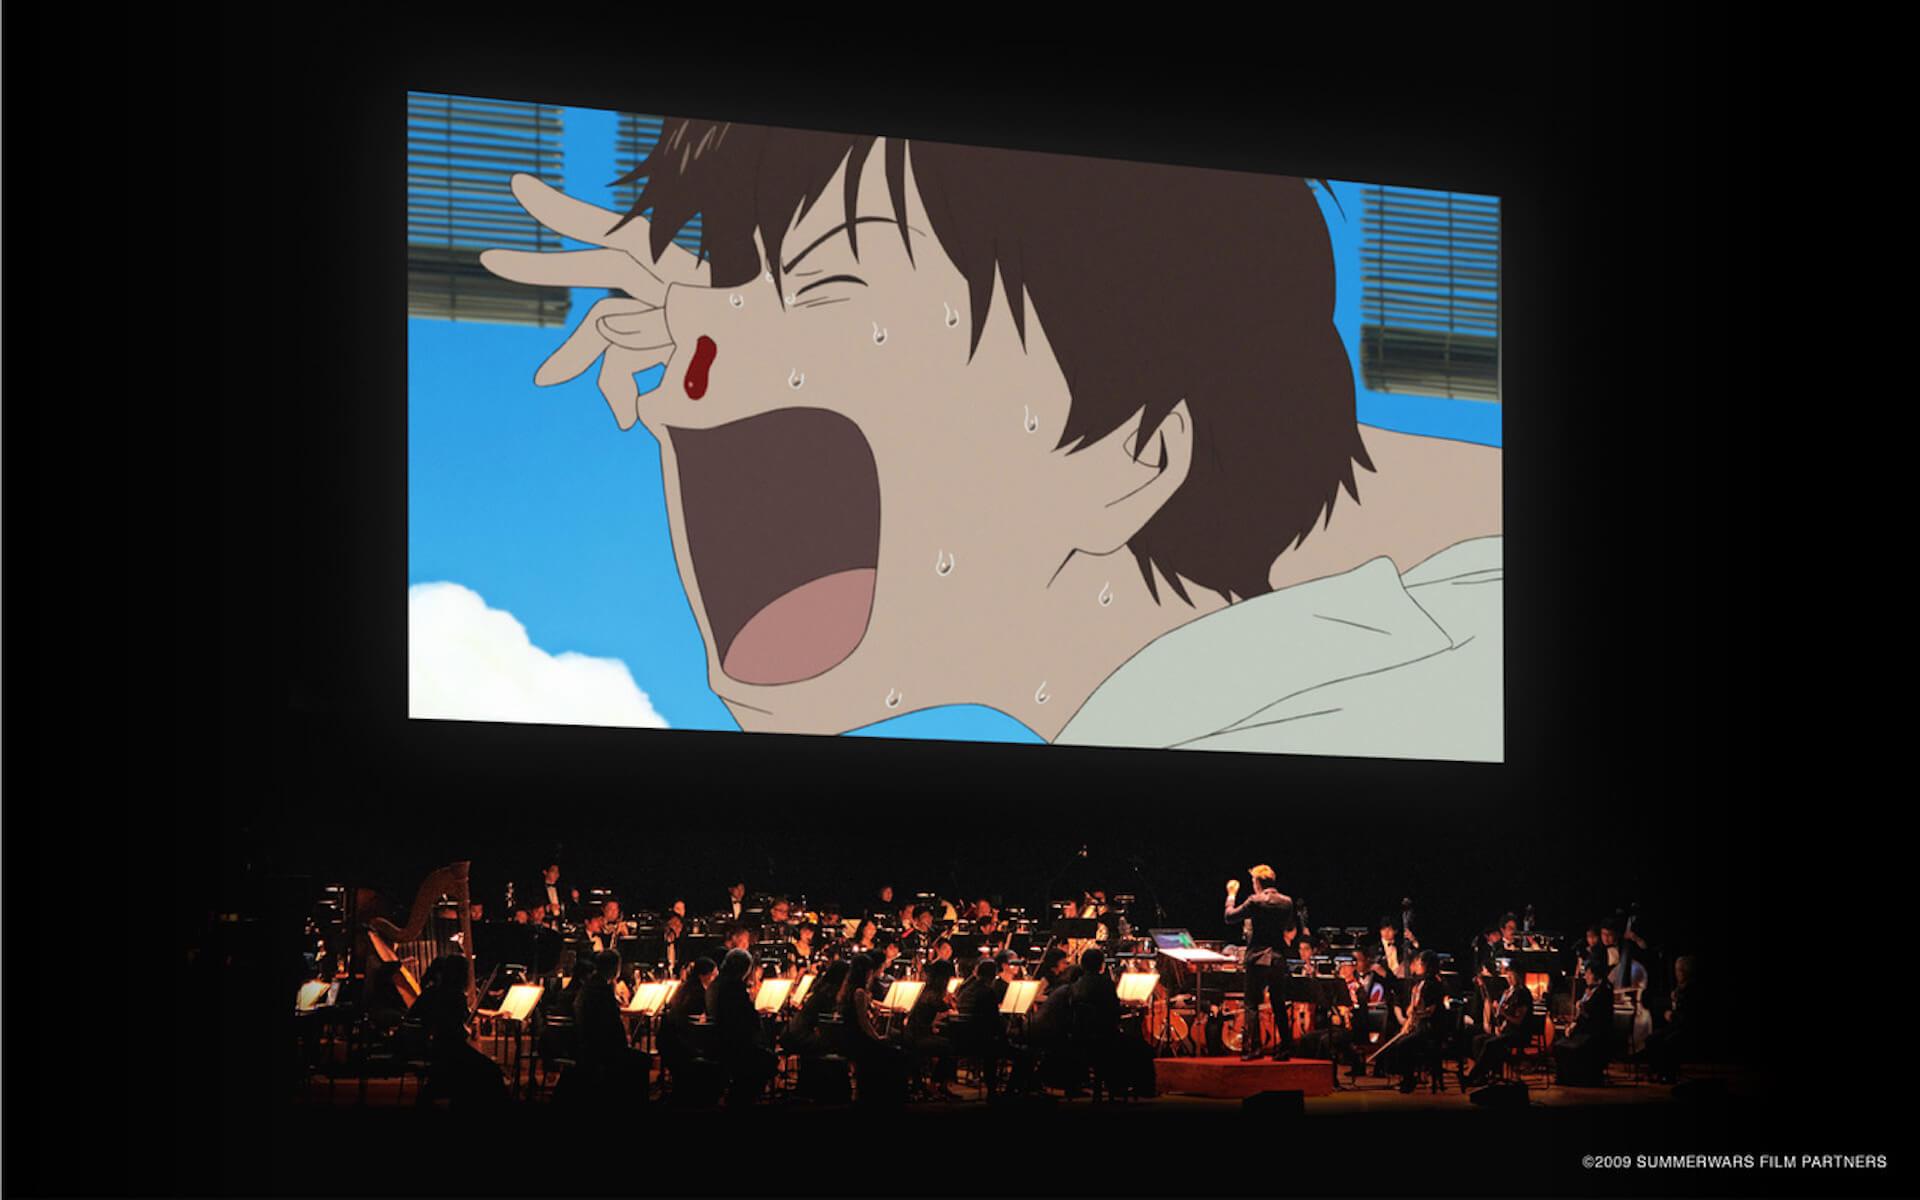 公開10周年プロジェクトのフィナーレ!『サマーウォーズ』初のフィルム・コンサート開催決定 film200205_summerwars_2